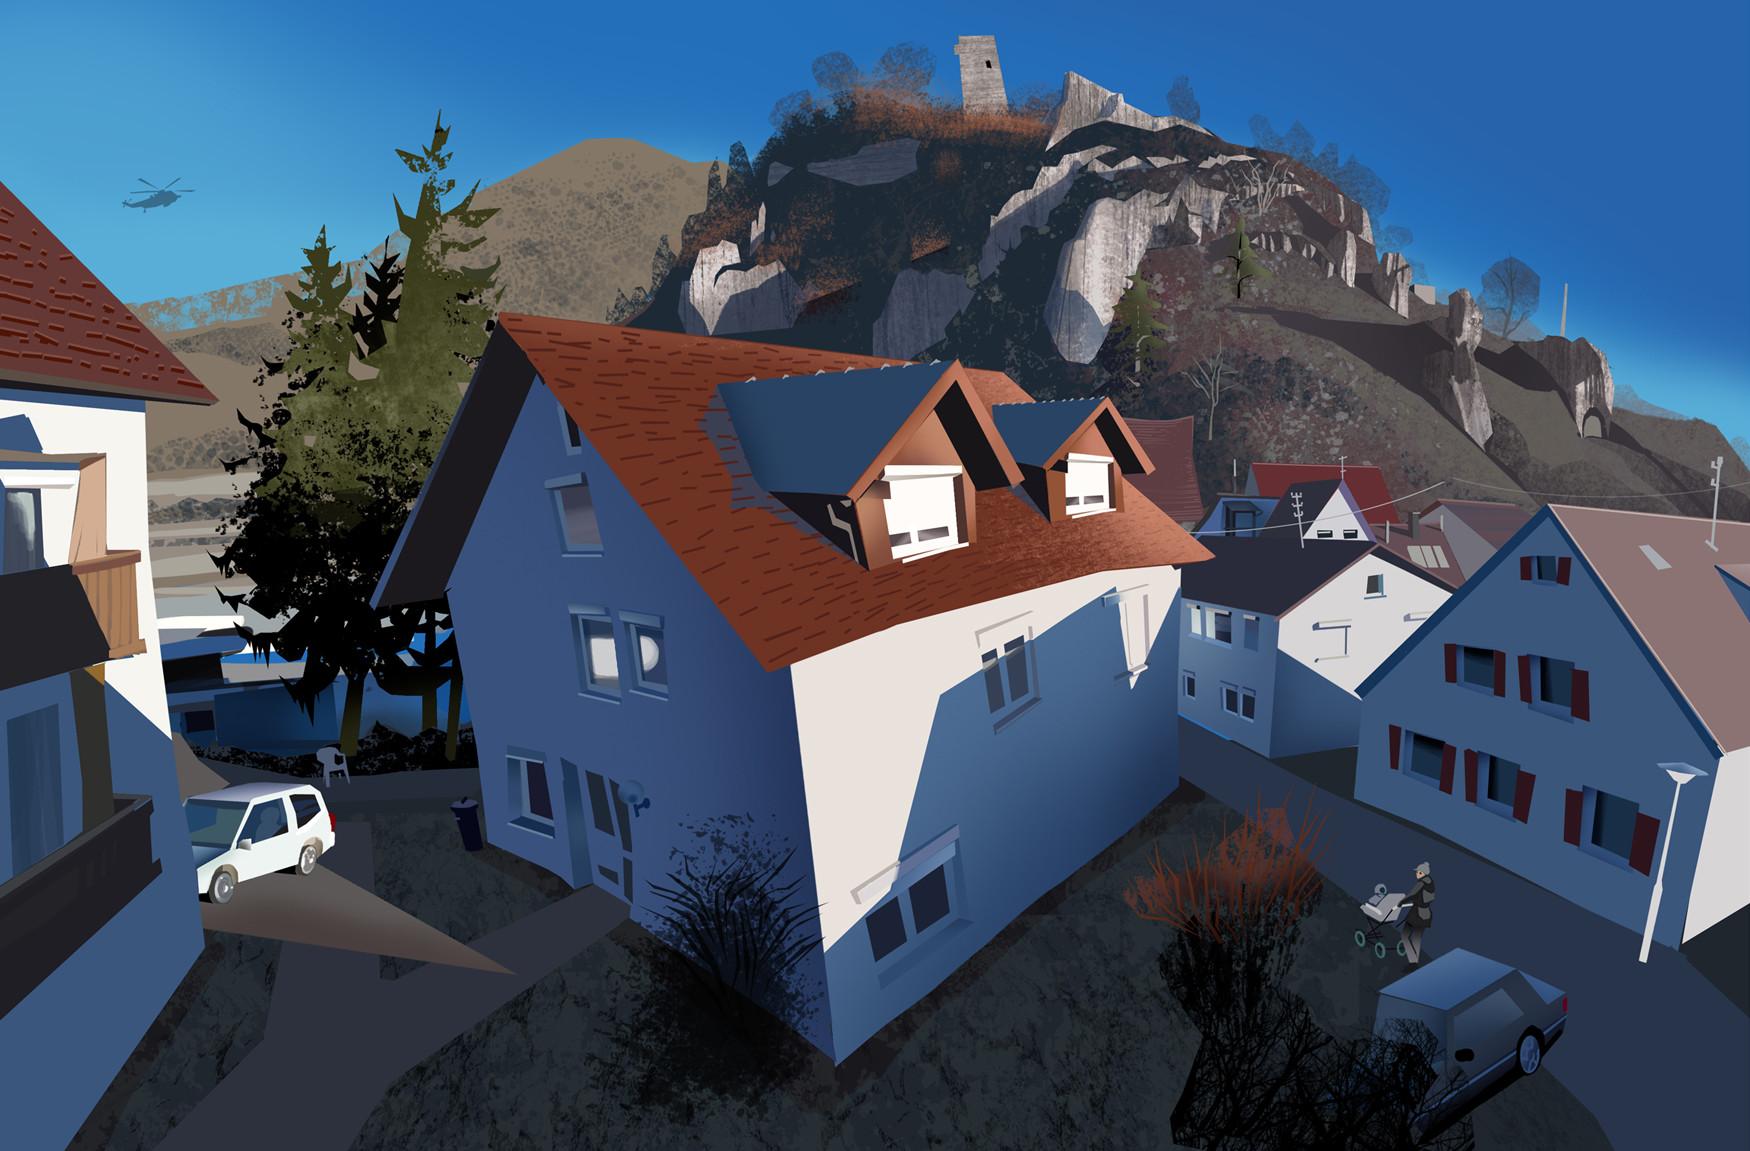 Harald ardeias small village 1